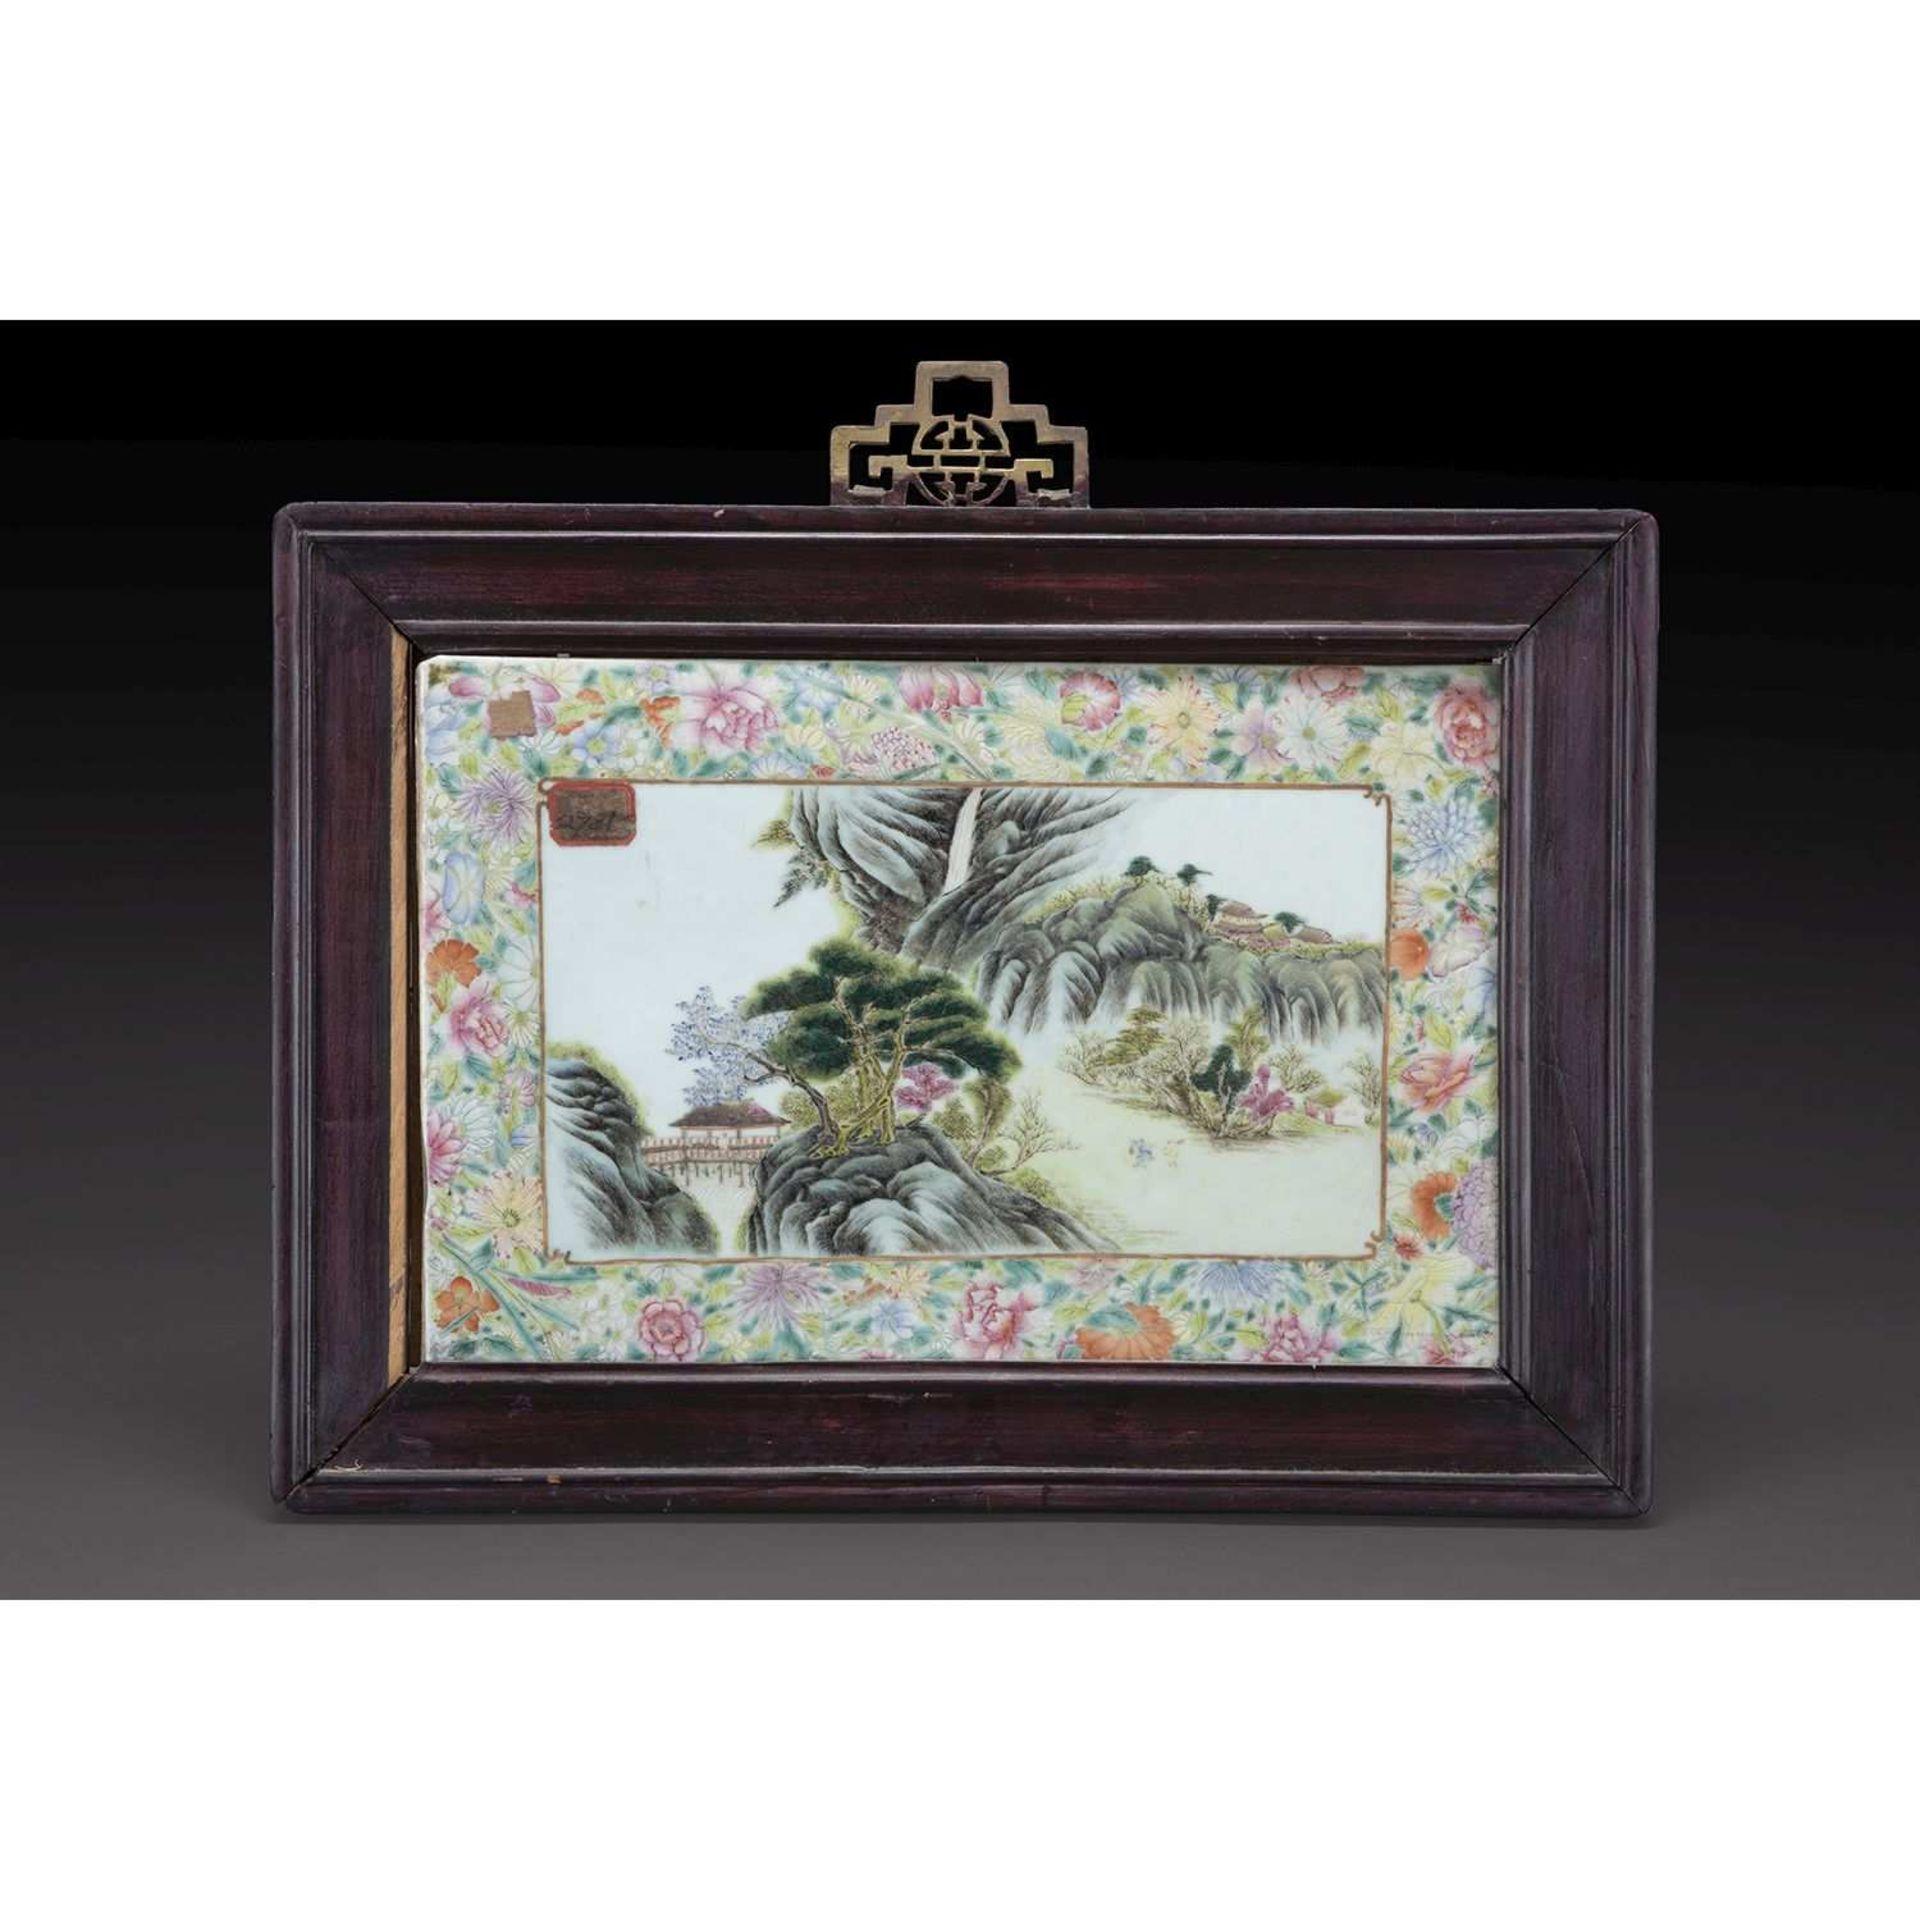 PLAQUE en porcelaine et émaux polychromes dans le style de la famille rose, à décor d'un paysage